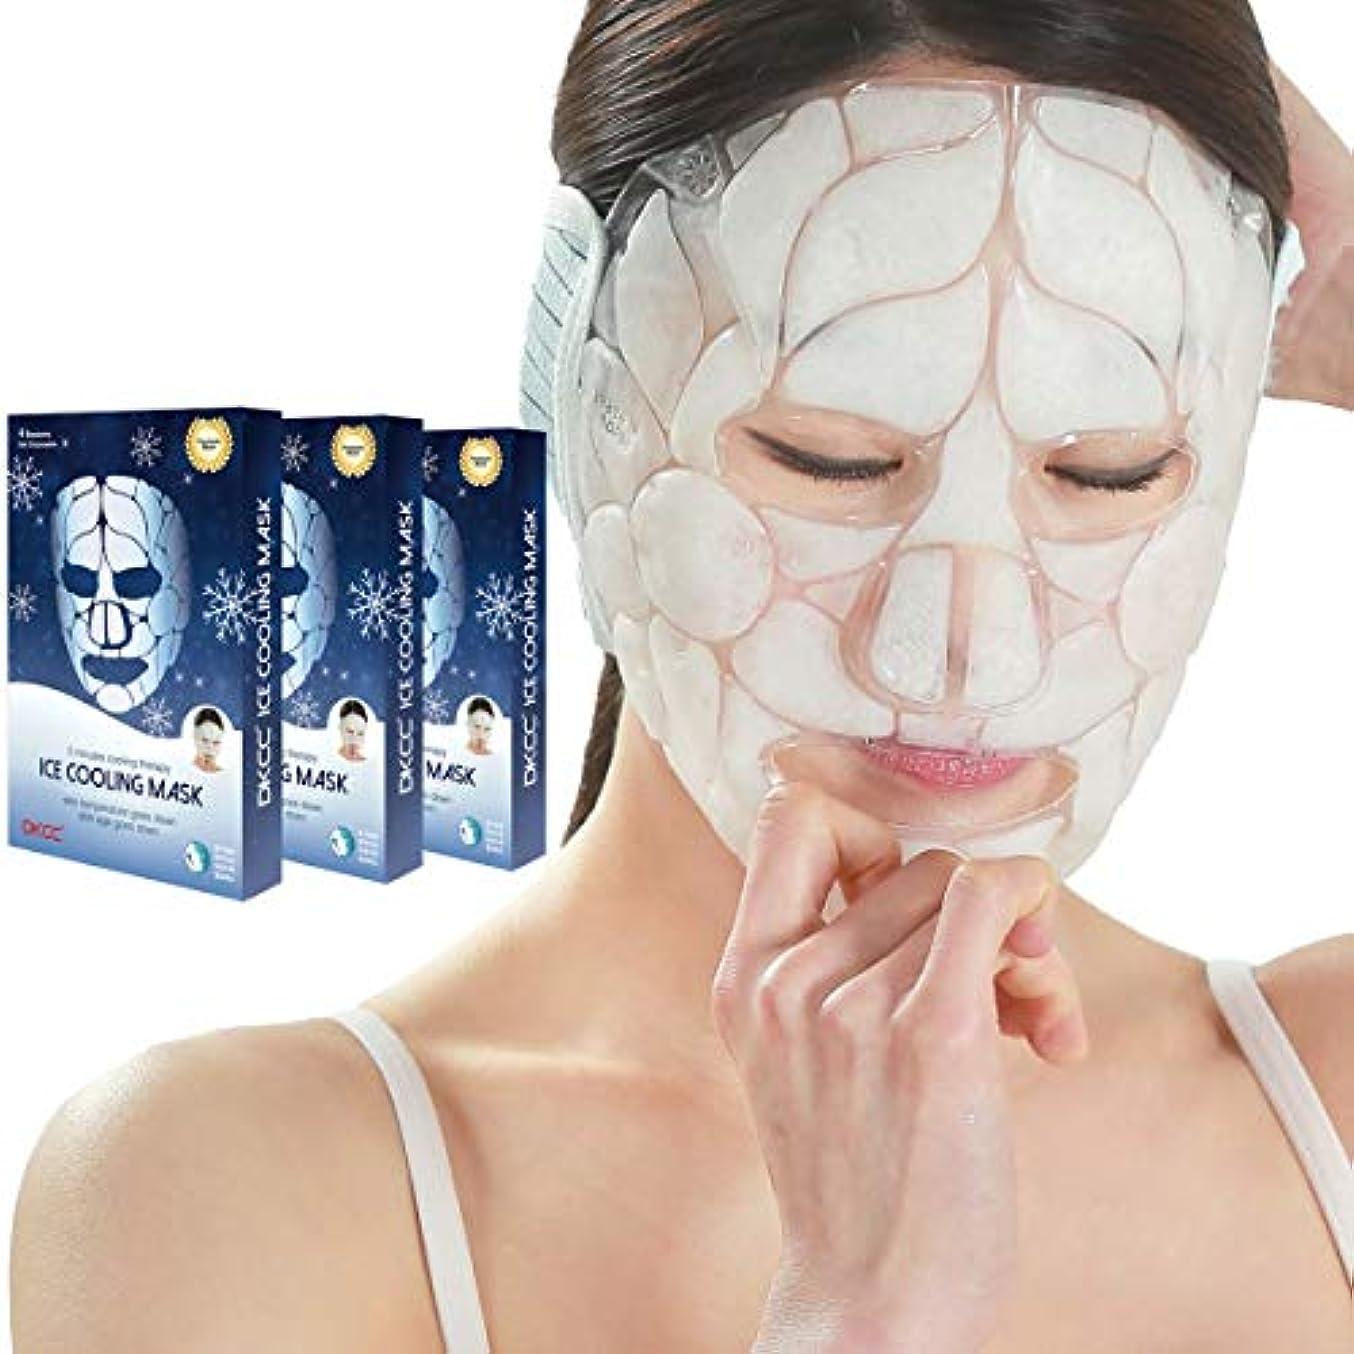 スキャン破産またはDKCC アイスクーリングマスク